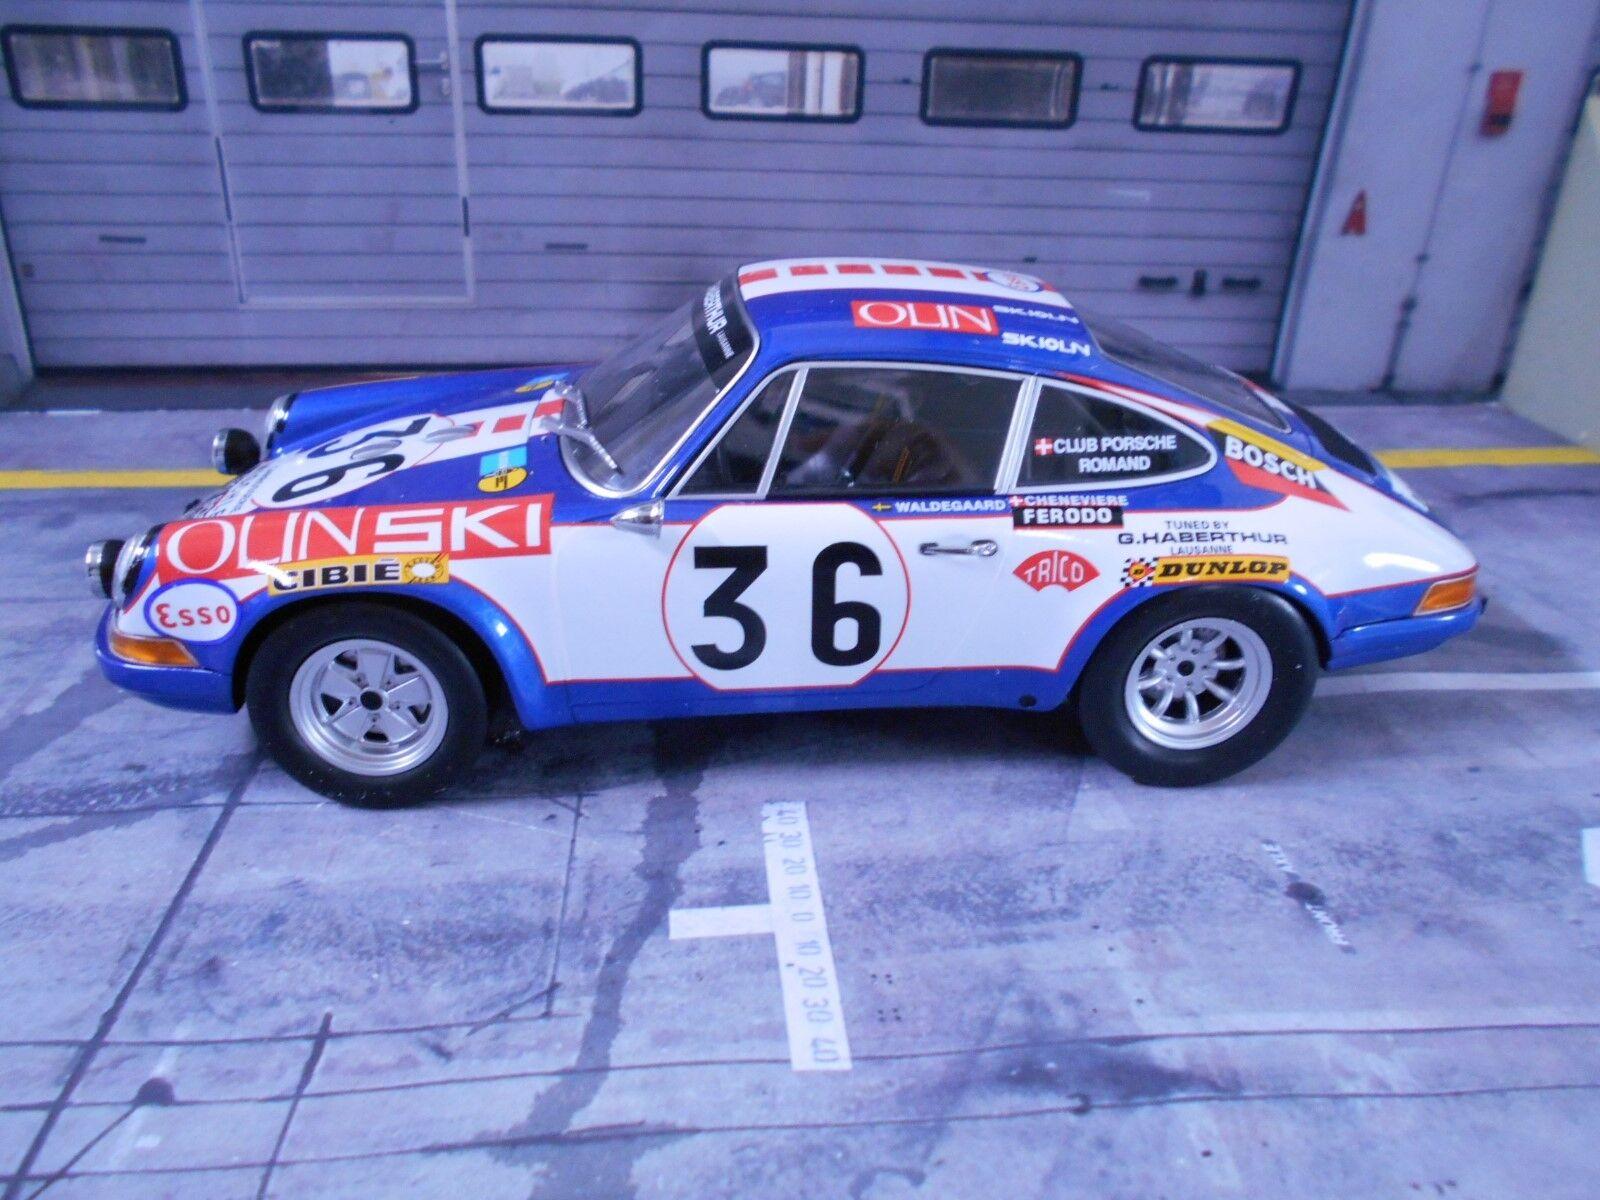 PORSCHE 911 S Le Mans 1971 Waldegard Waldegard Waldegard Olin Ski J. Sage Minichamps Resin 1 18 e5d4e0